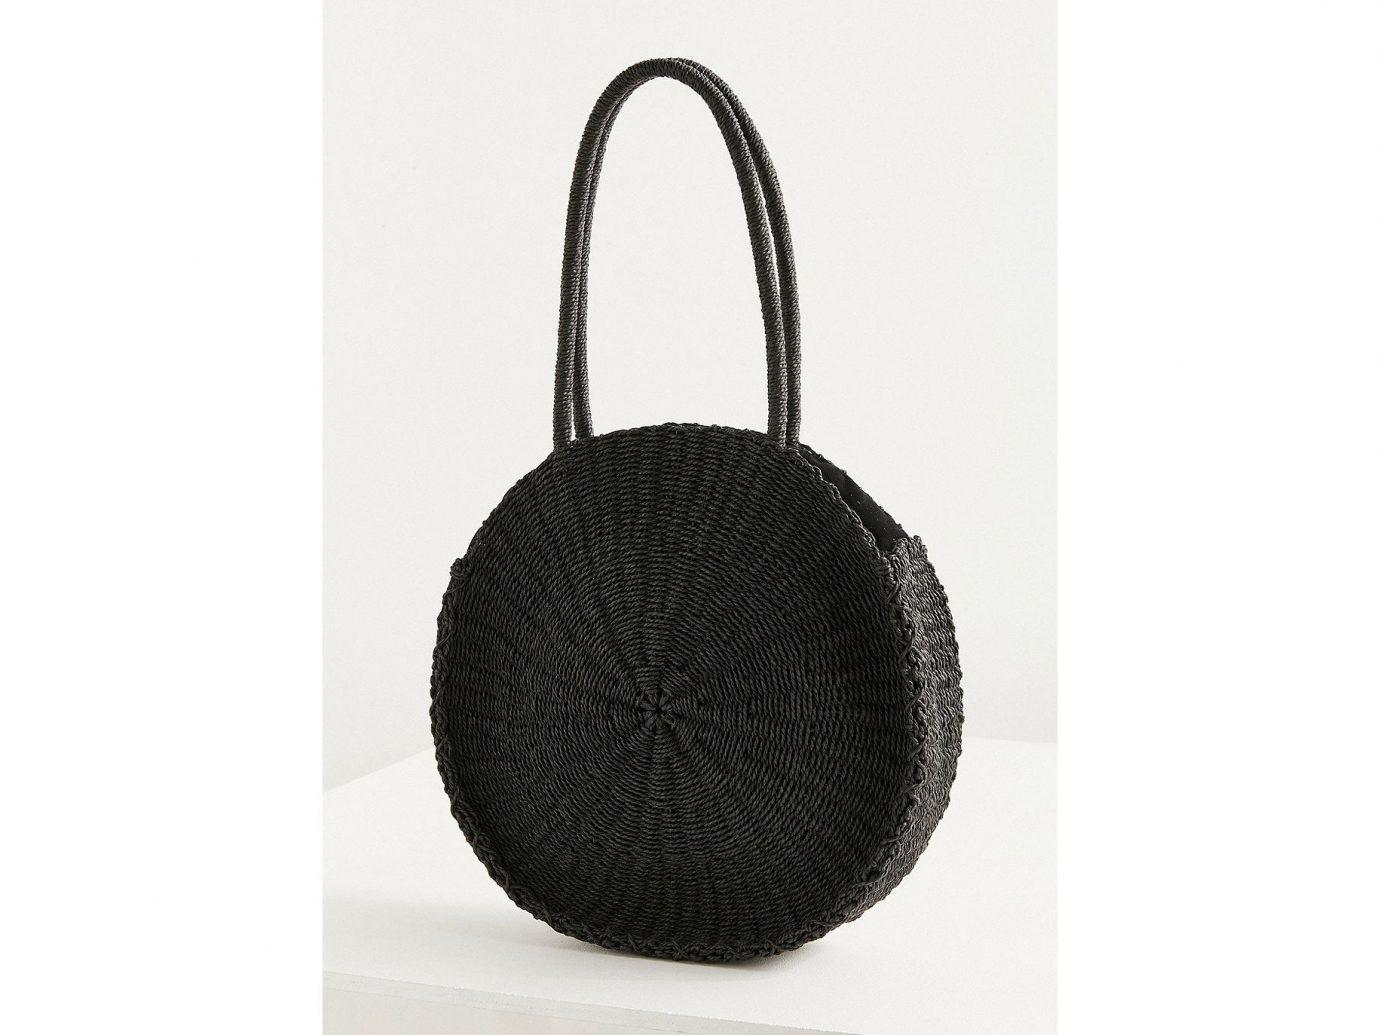 Packing Tips Style + Design Travel Shop black bag handbag shoulder bag product product design different leather font brand microphone